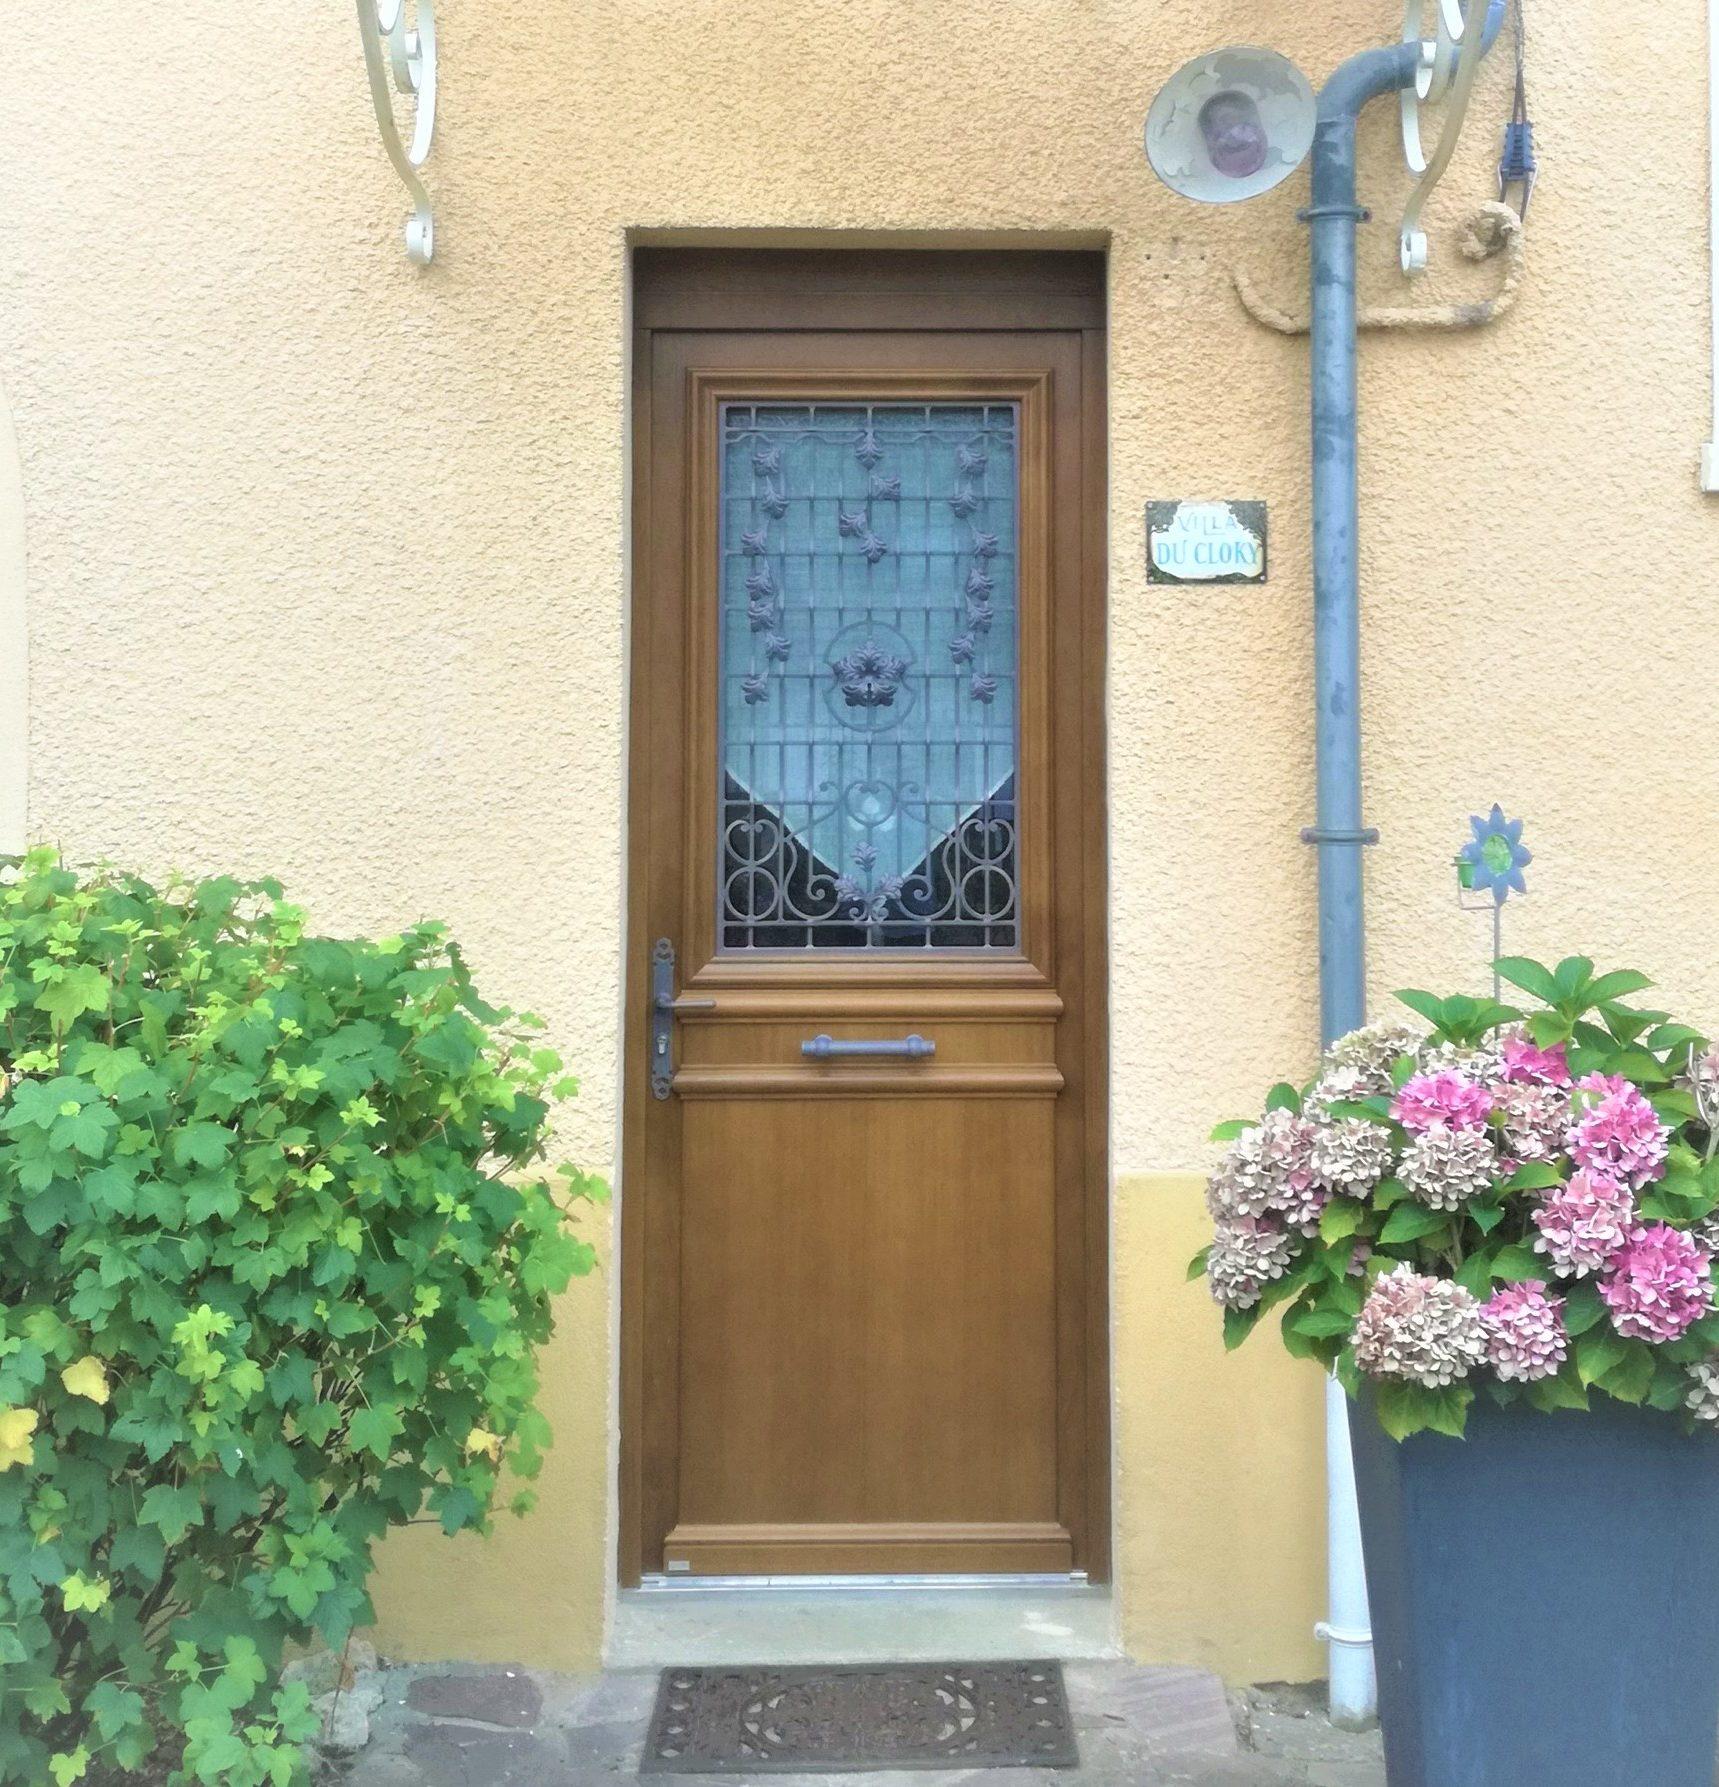 Porte bel 39 m ty braz for Porte de garage bel m